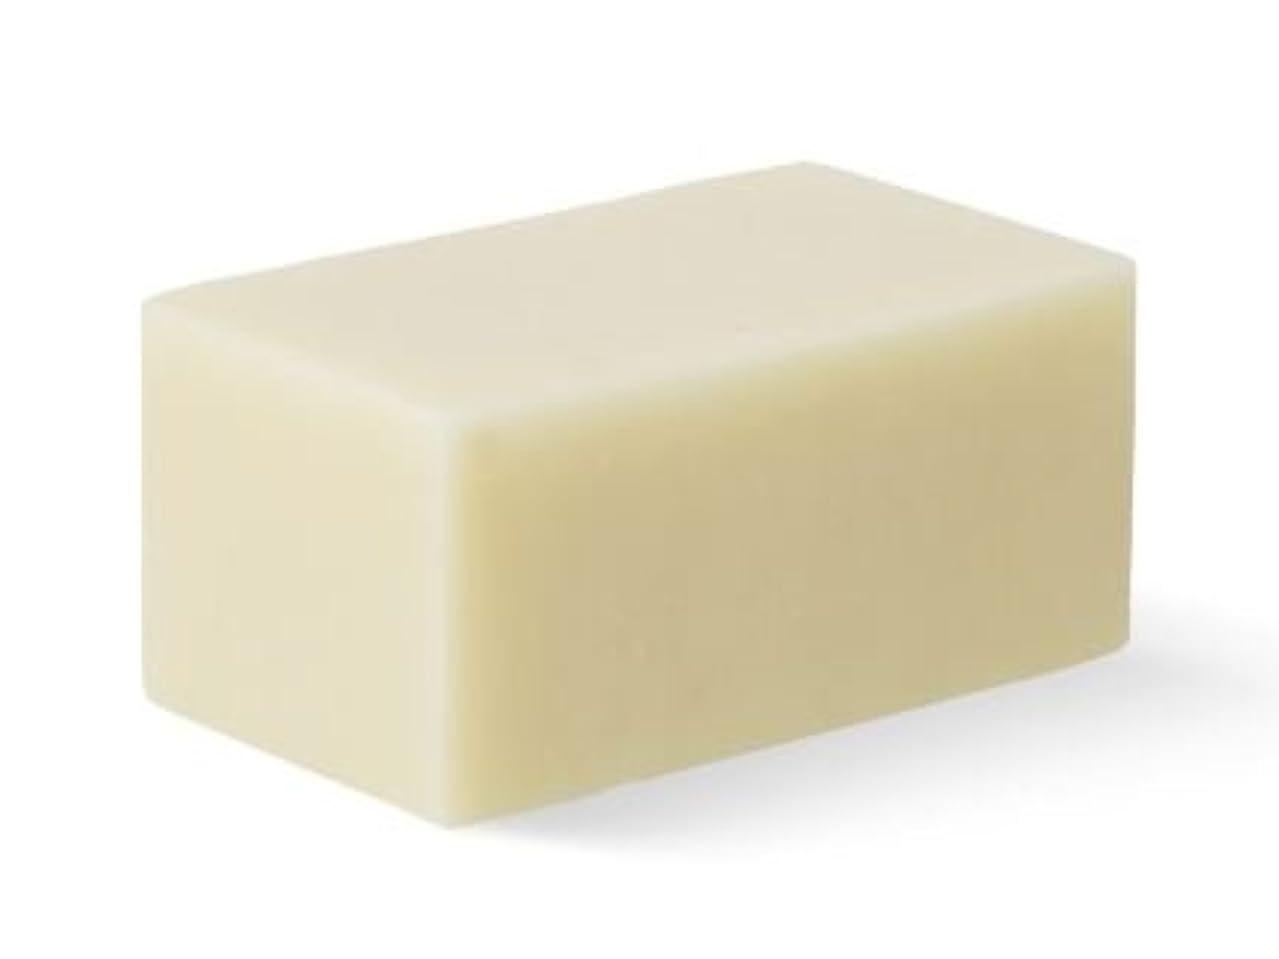 リスナー値するエイズ[Abib] Facial Soap ivory Brick 100g/[アビブ]フェイシャルソープ アイボリー ブリック100g [並行輸入品]